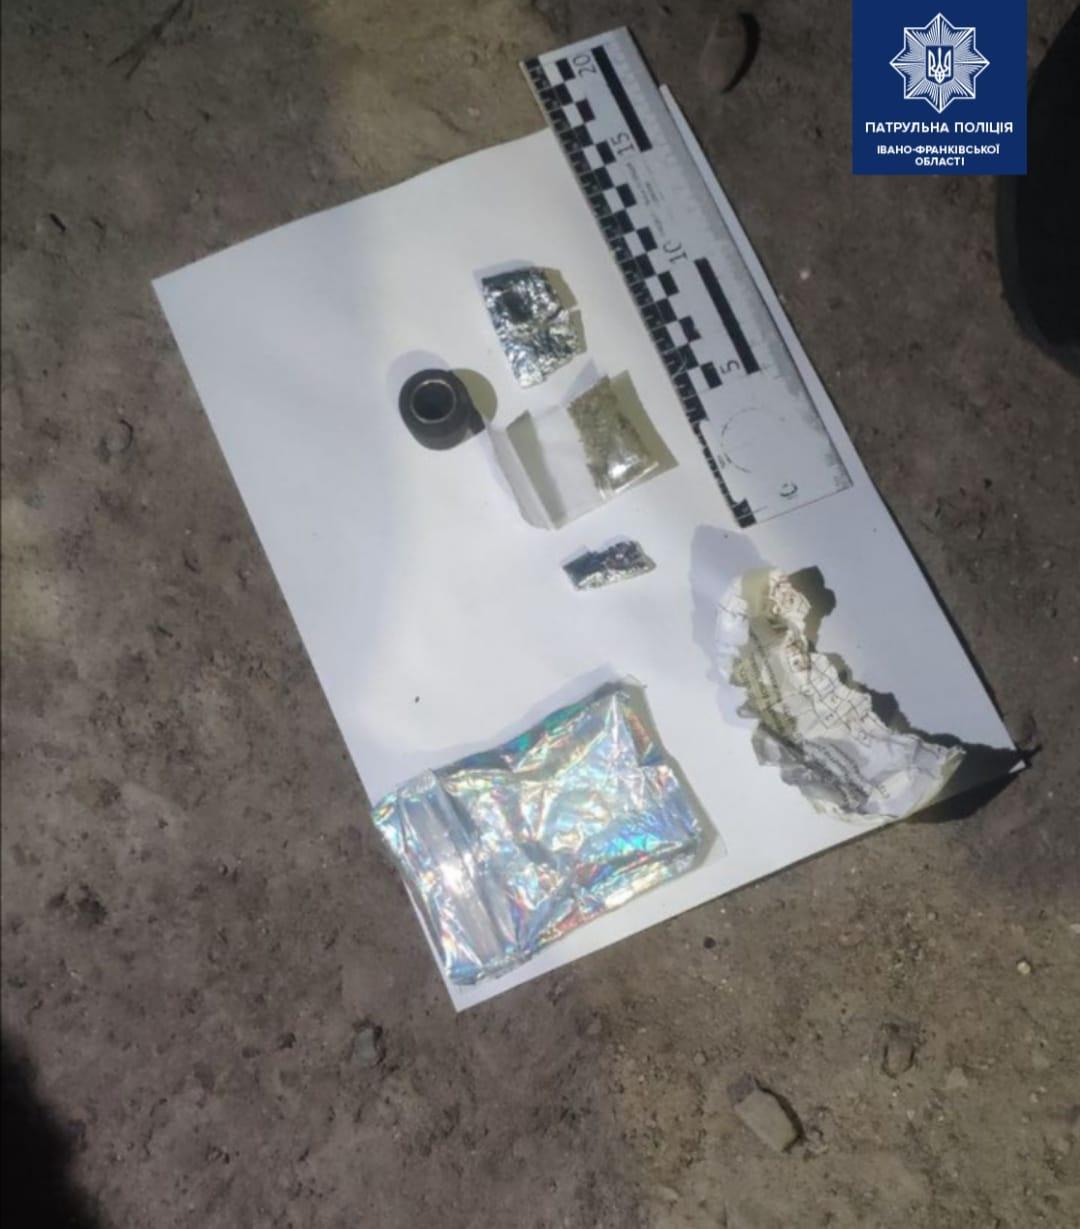 На Автоливмашівській у підозрілих чоловіків знайшли речовини, схожі на наркотики (ФОТОФАКТ)